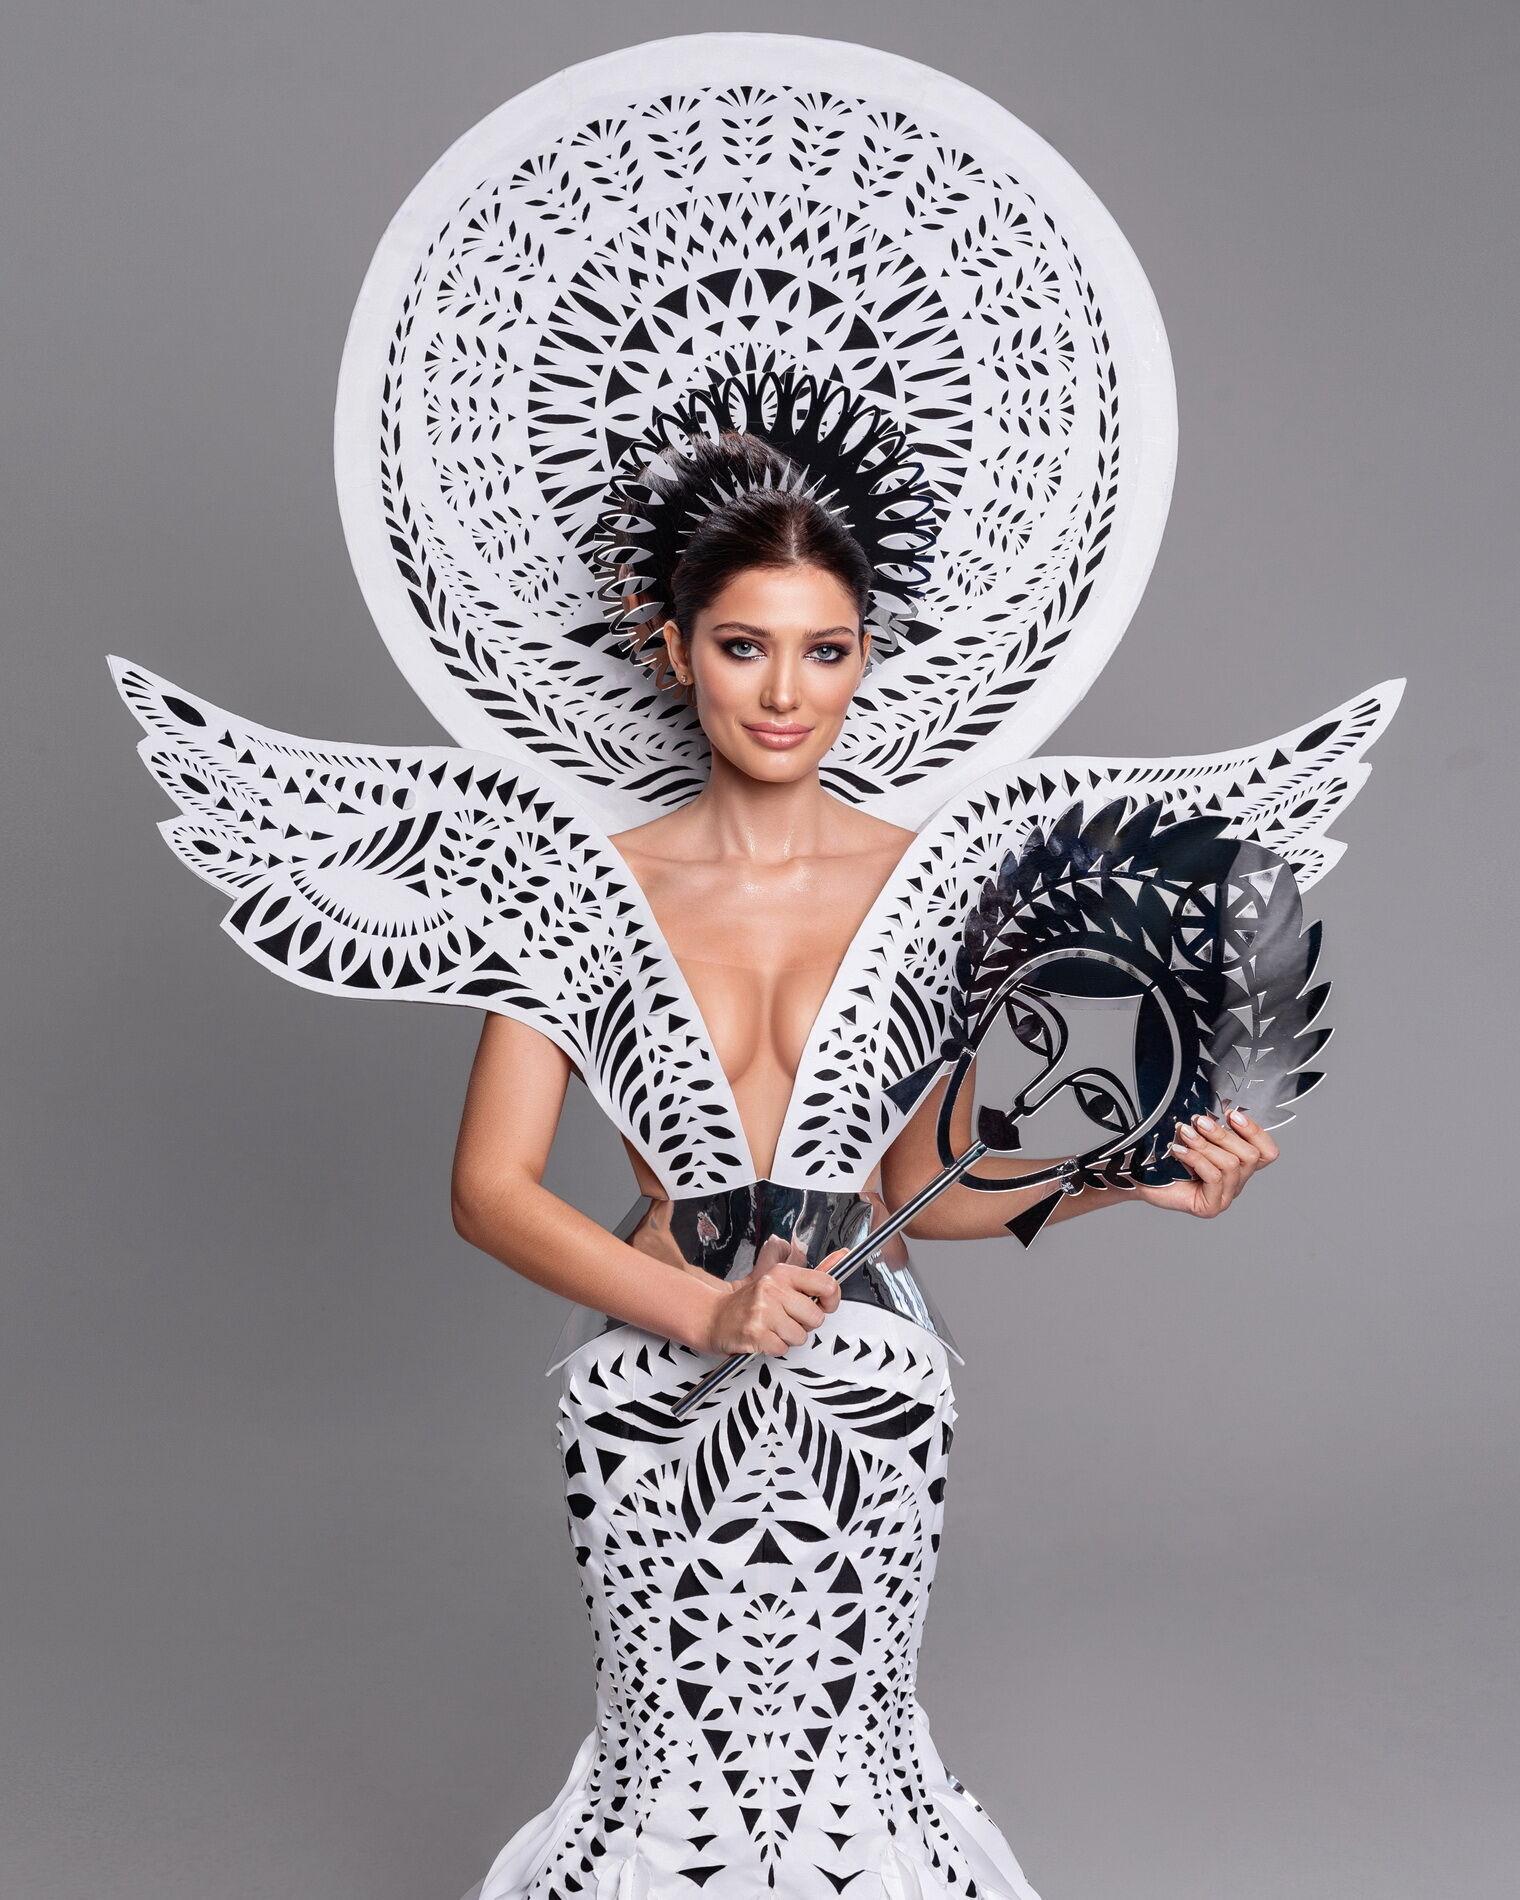 Национальный костюм, который Ястремская представит в финале конкурса